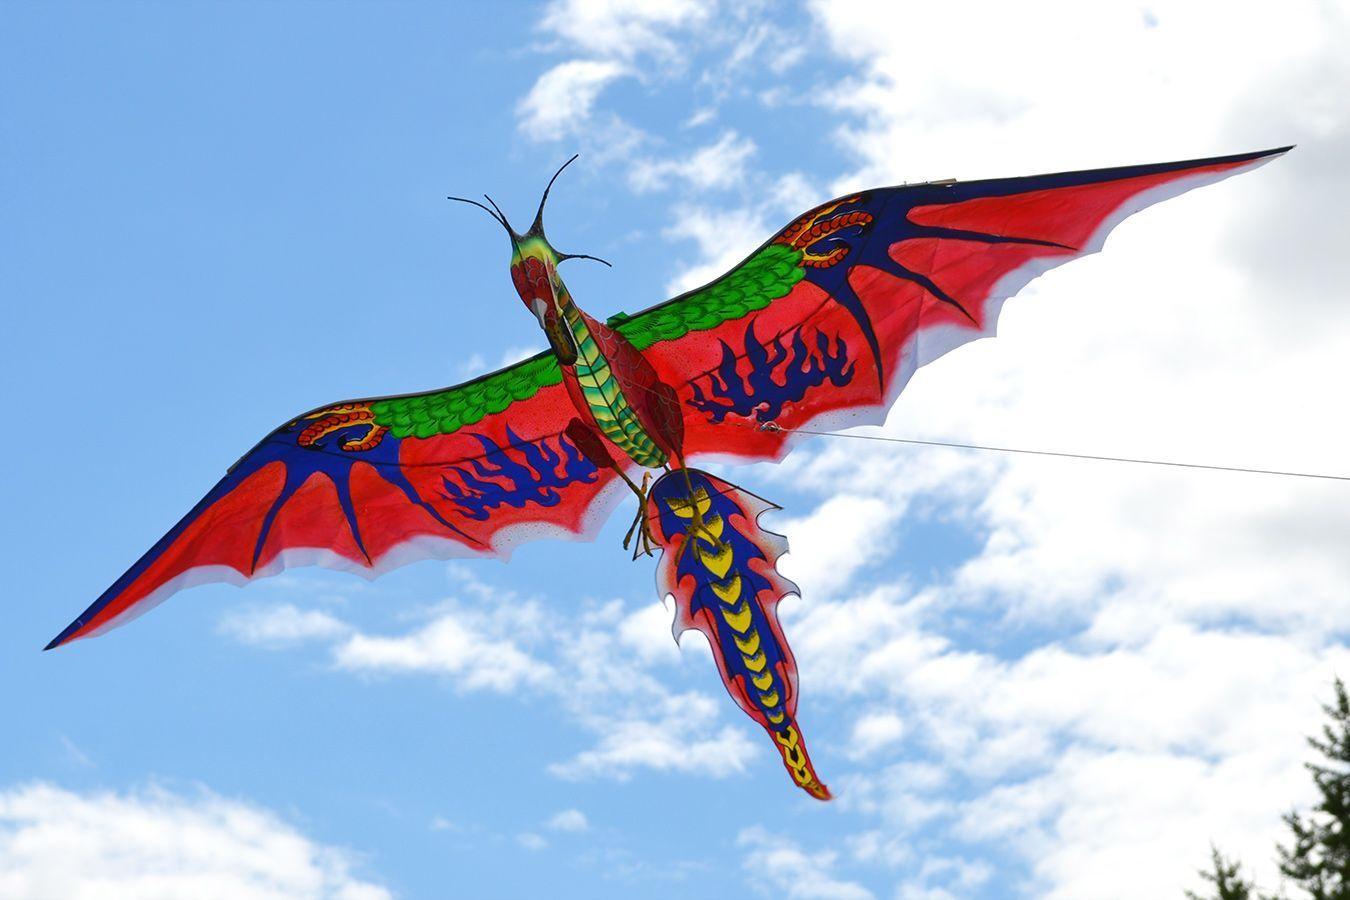 Воздушный змей подарочный Королевский рубиновый Дракон 1.6 м купить в Москве интернет-магазине - Фкайт.ру